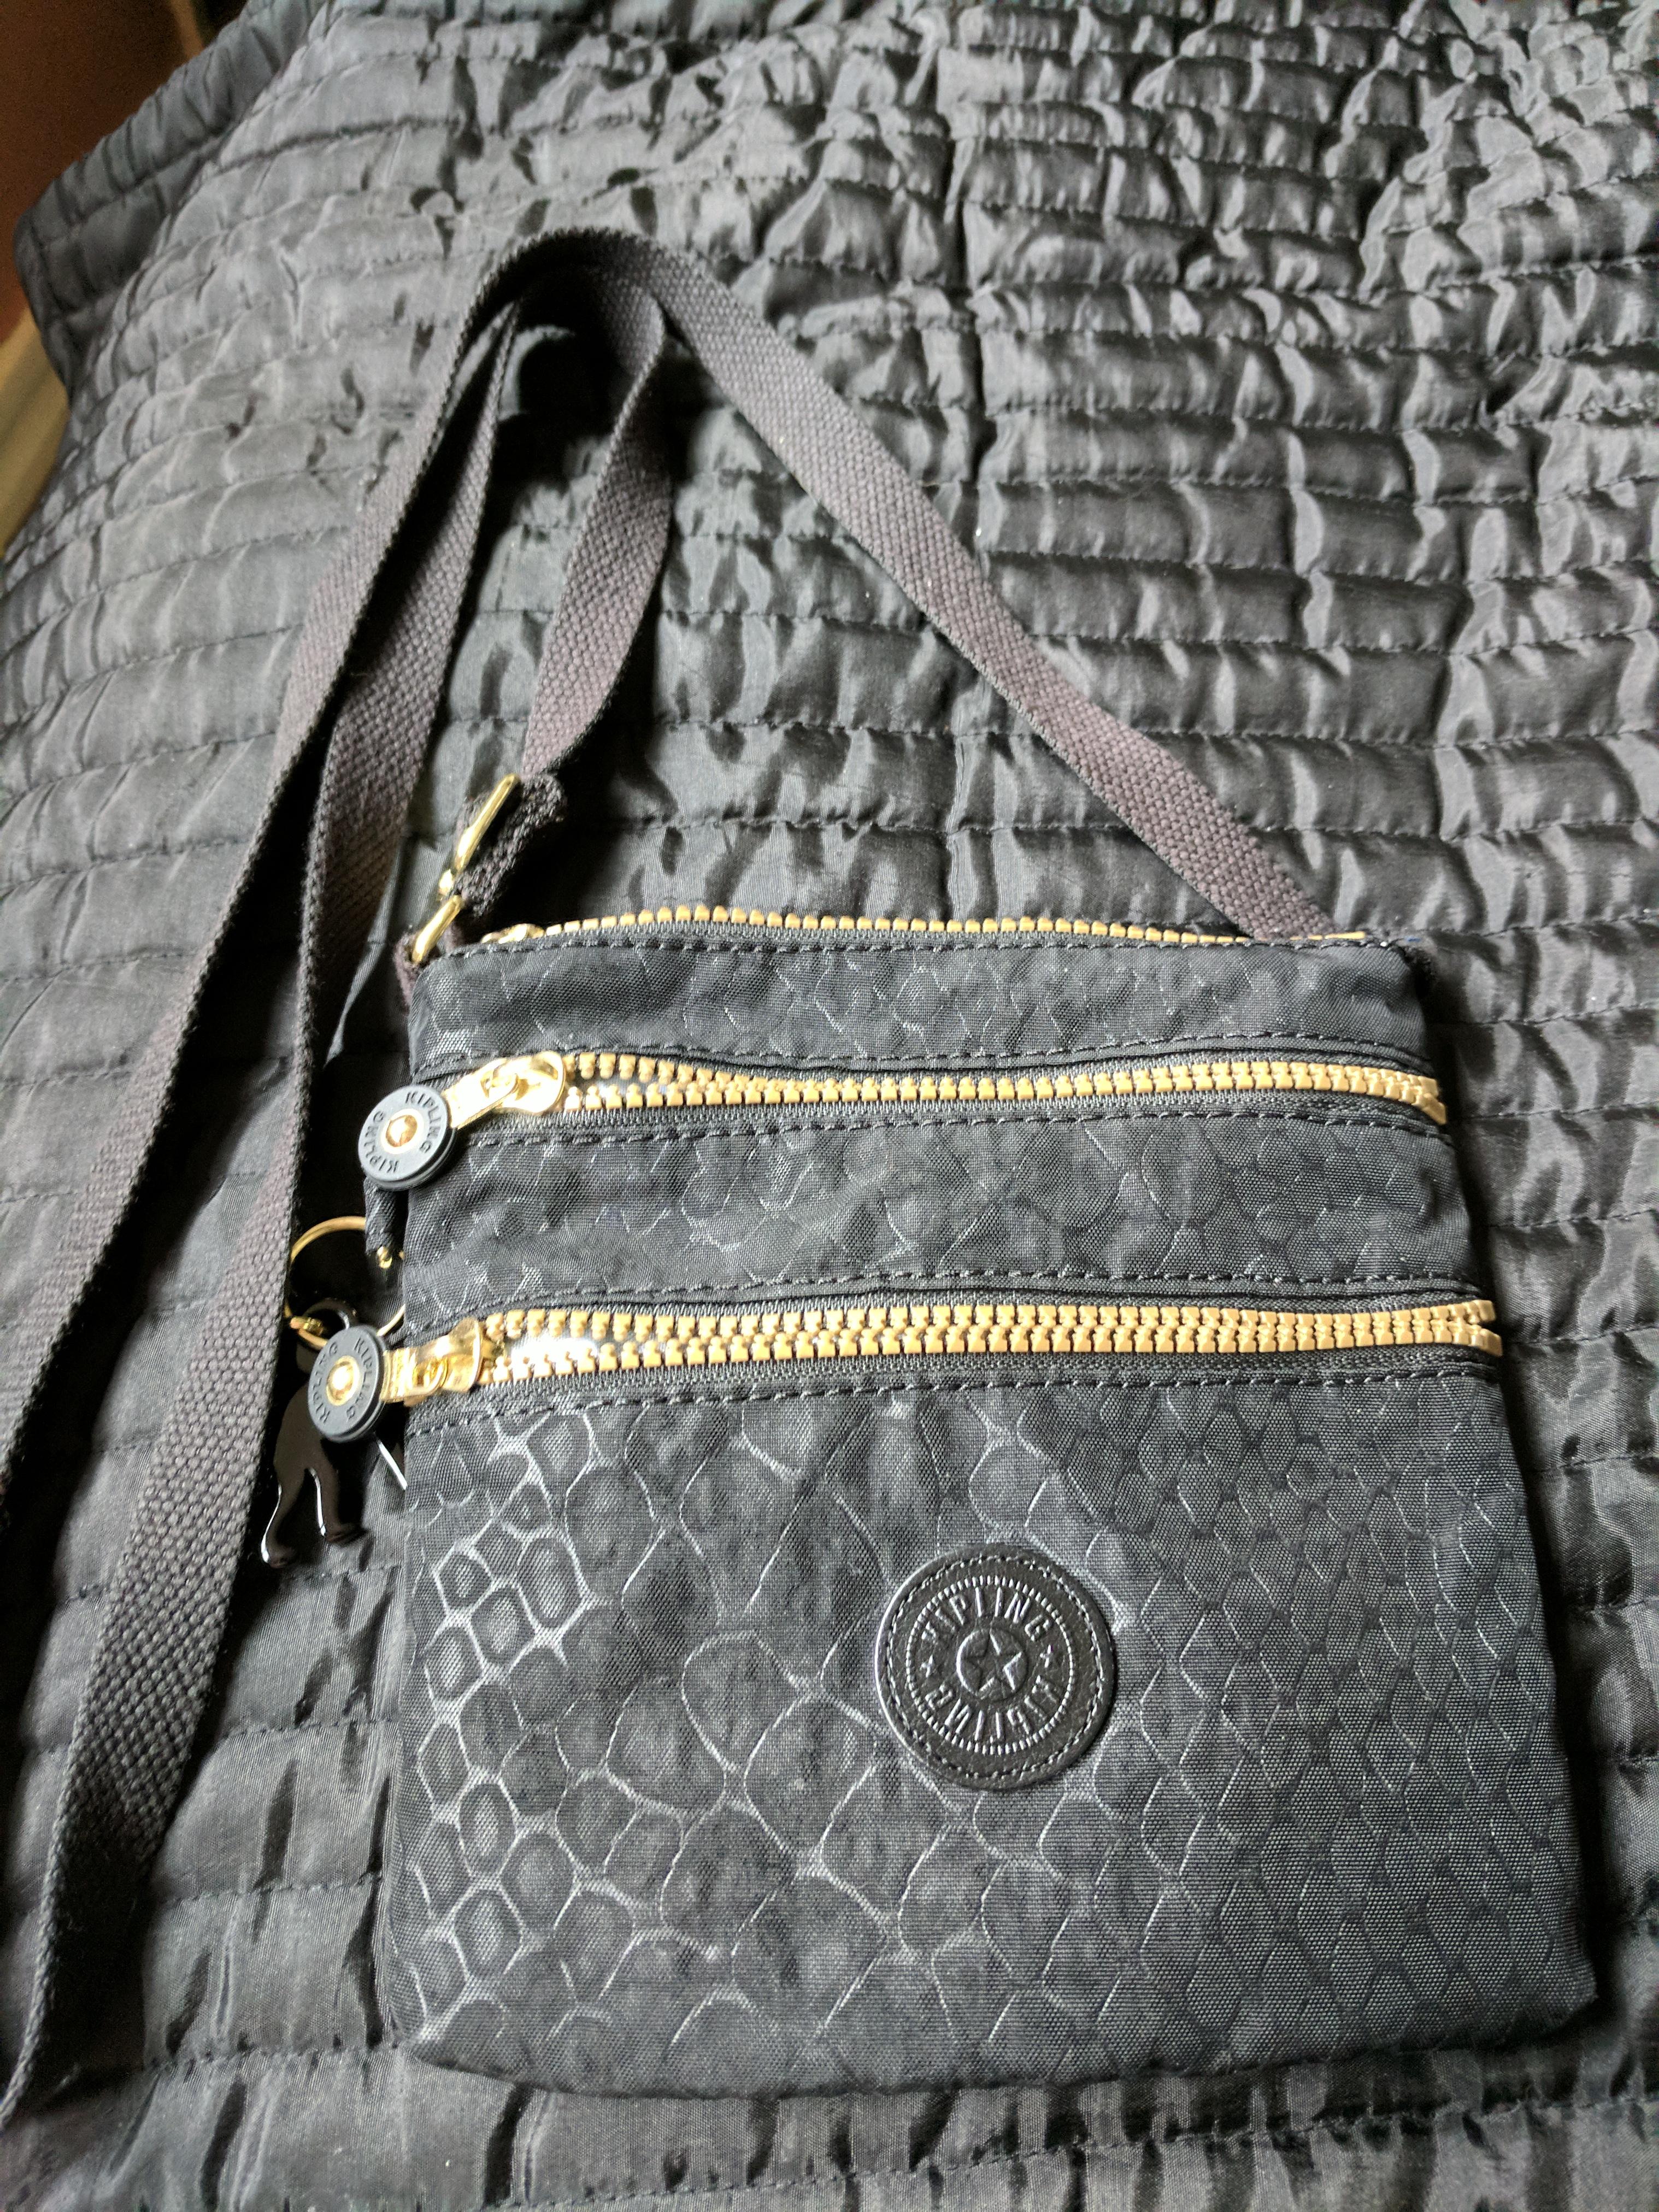 Kipling Cross Over Bag